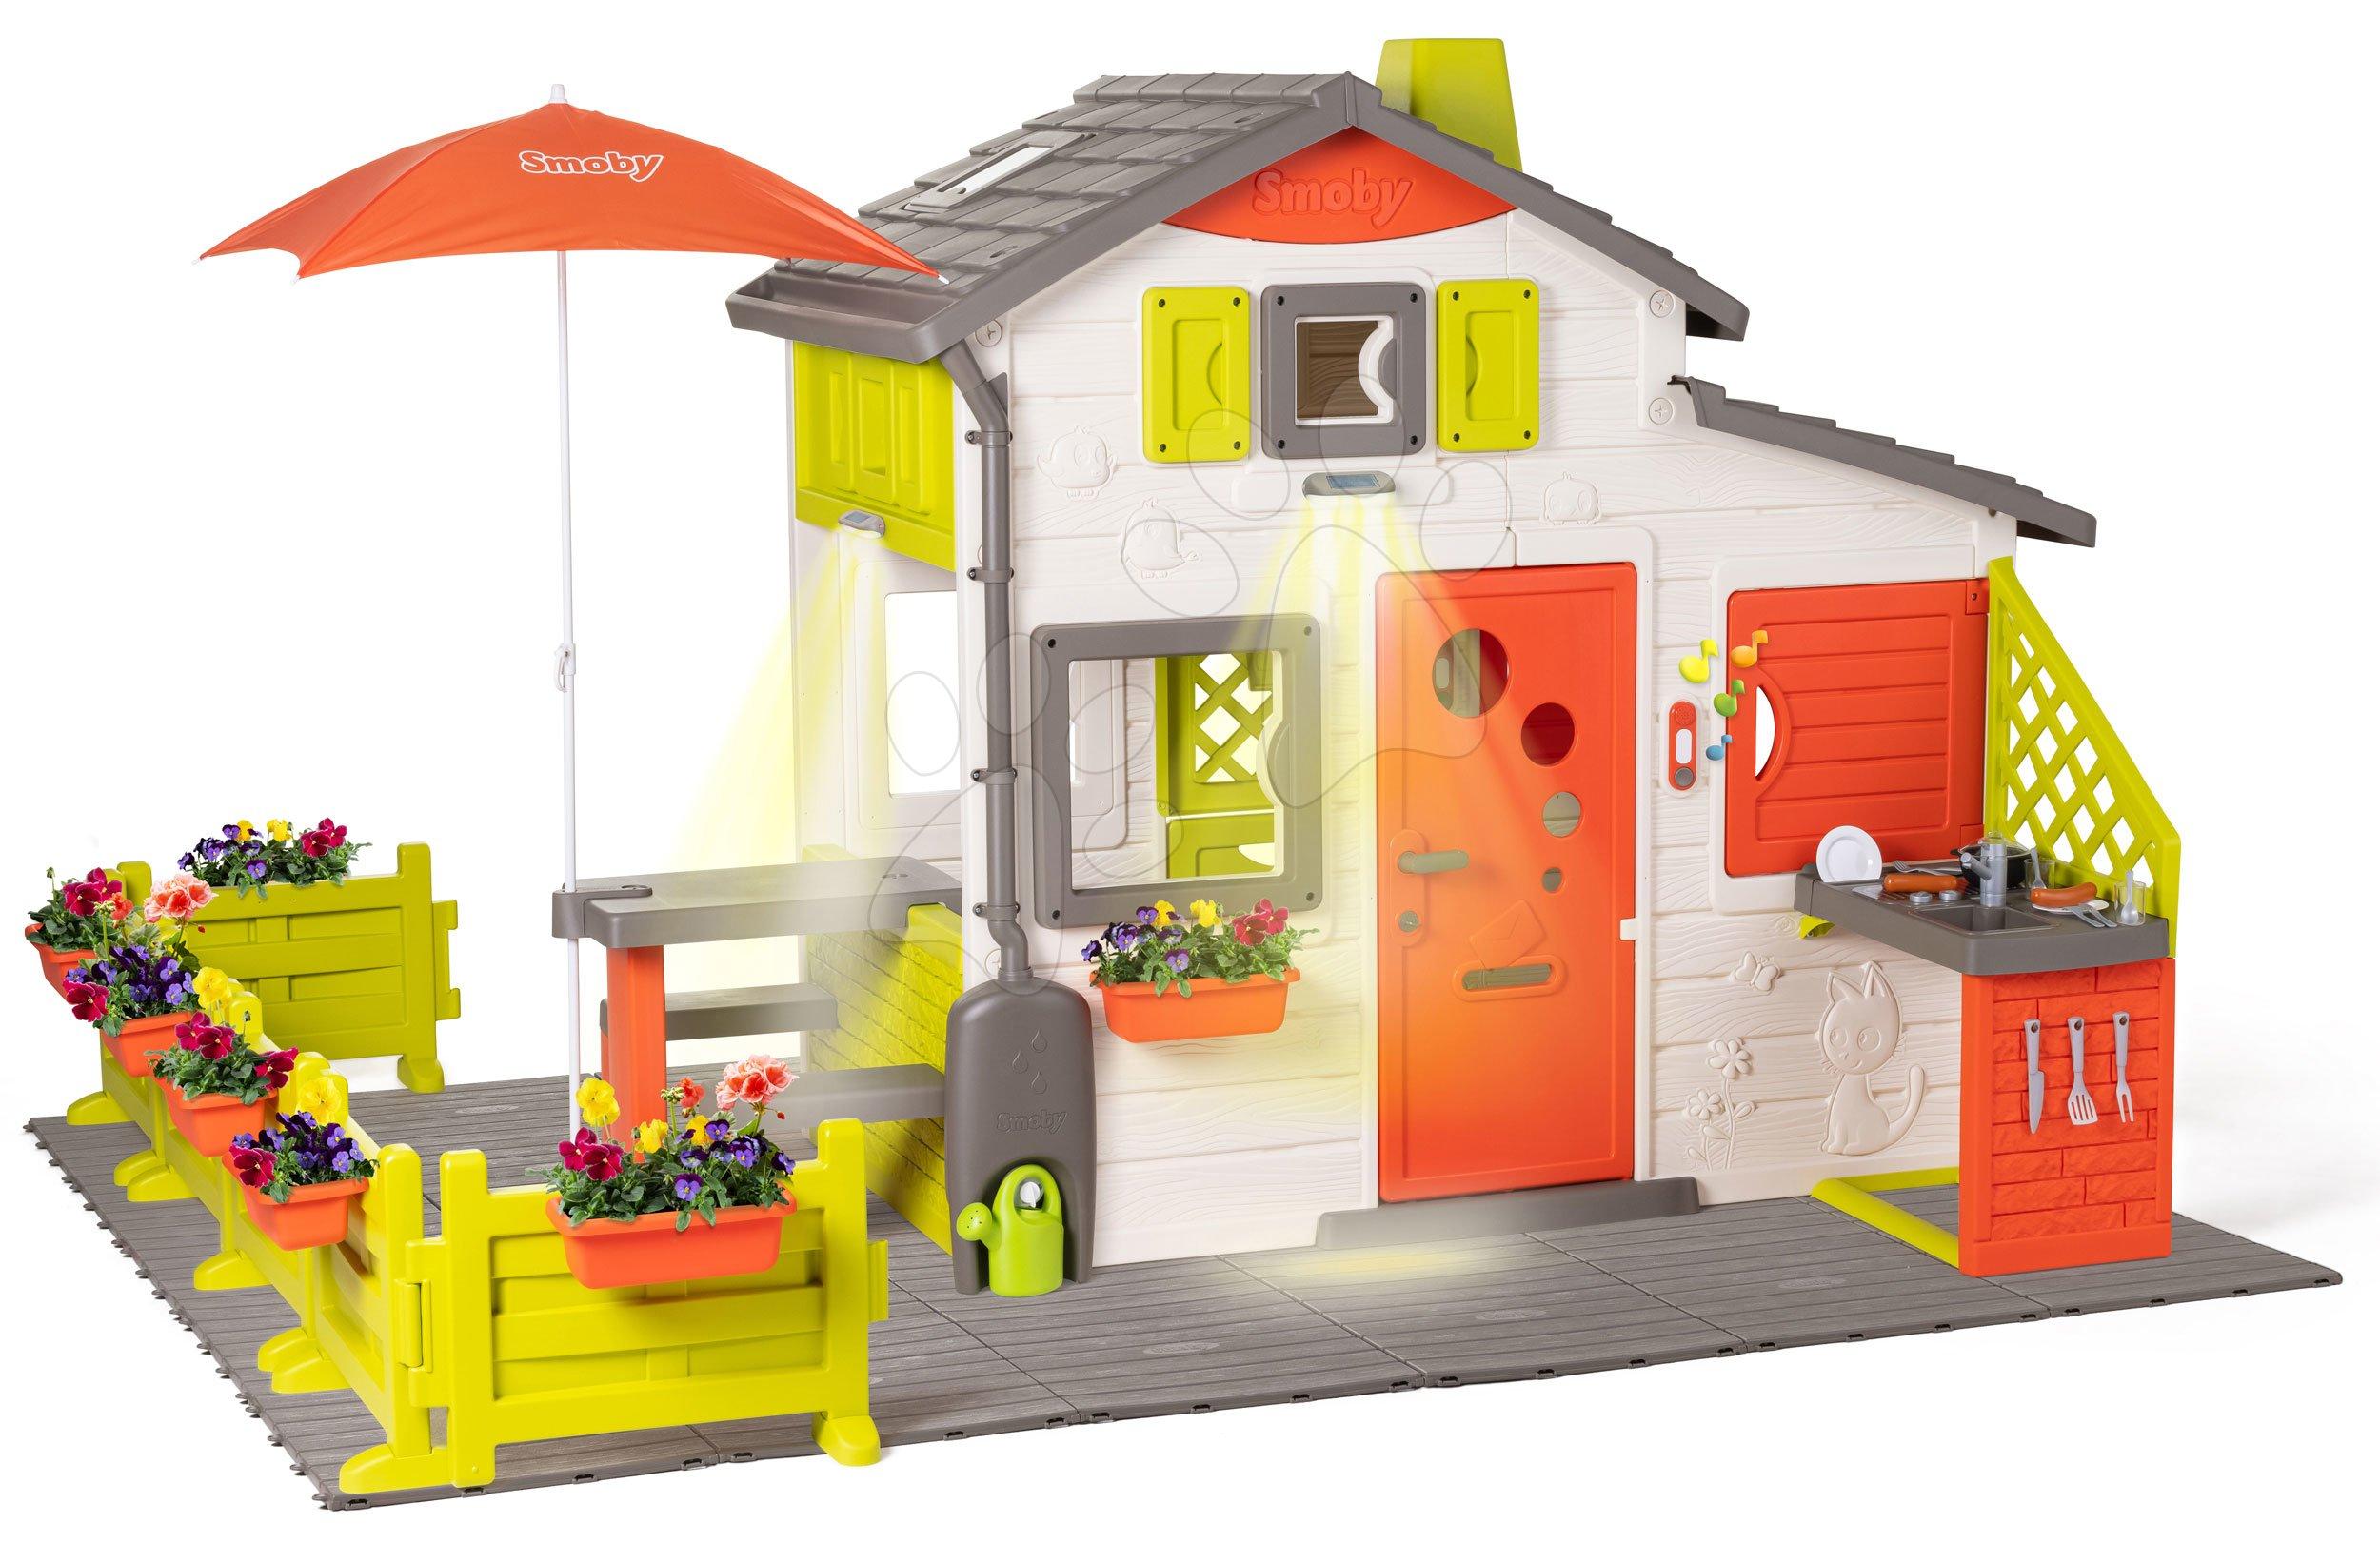 Domček Neo Friends House DeLuxe Smoby s mriežkovaným zadným vchodom a záhradným chodníkom